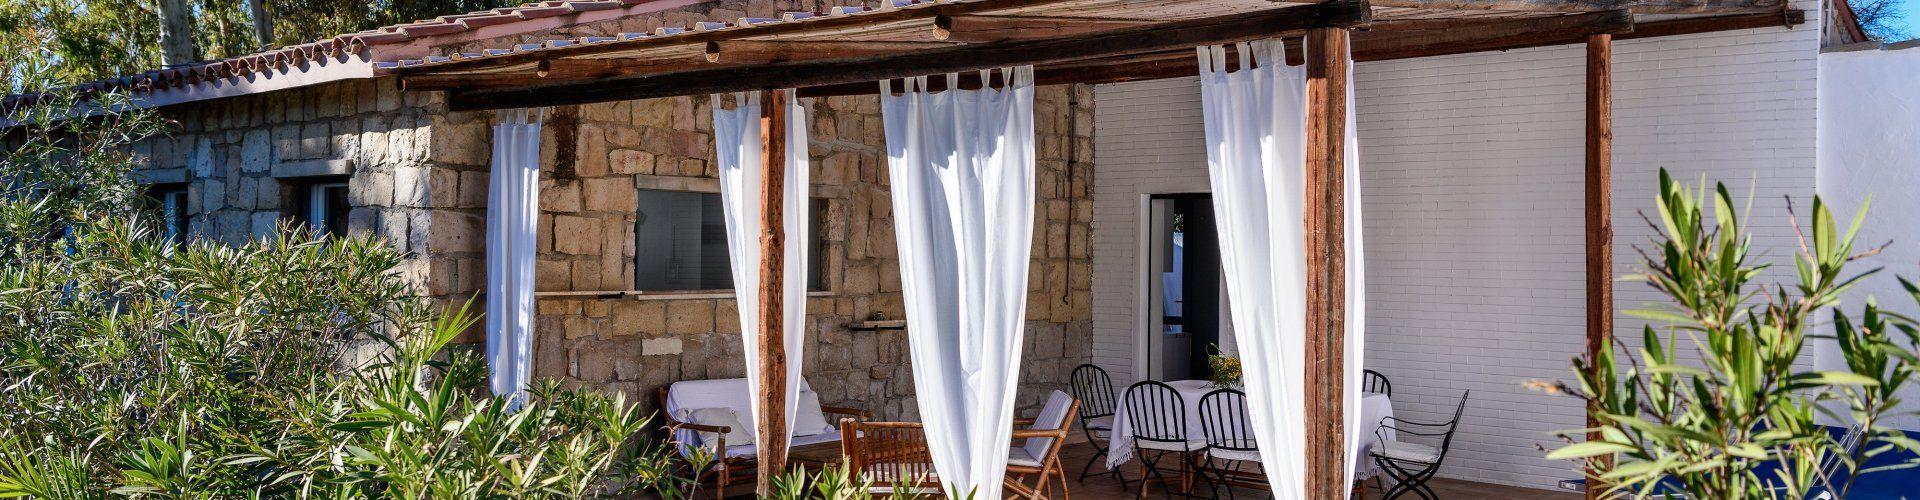 Überdachte Terrasse von Su Faru 3 Pula mit Sofa, Esstisch und Sonnenliegen